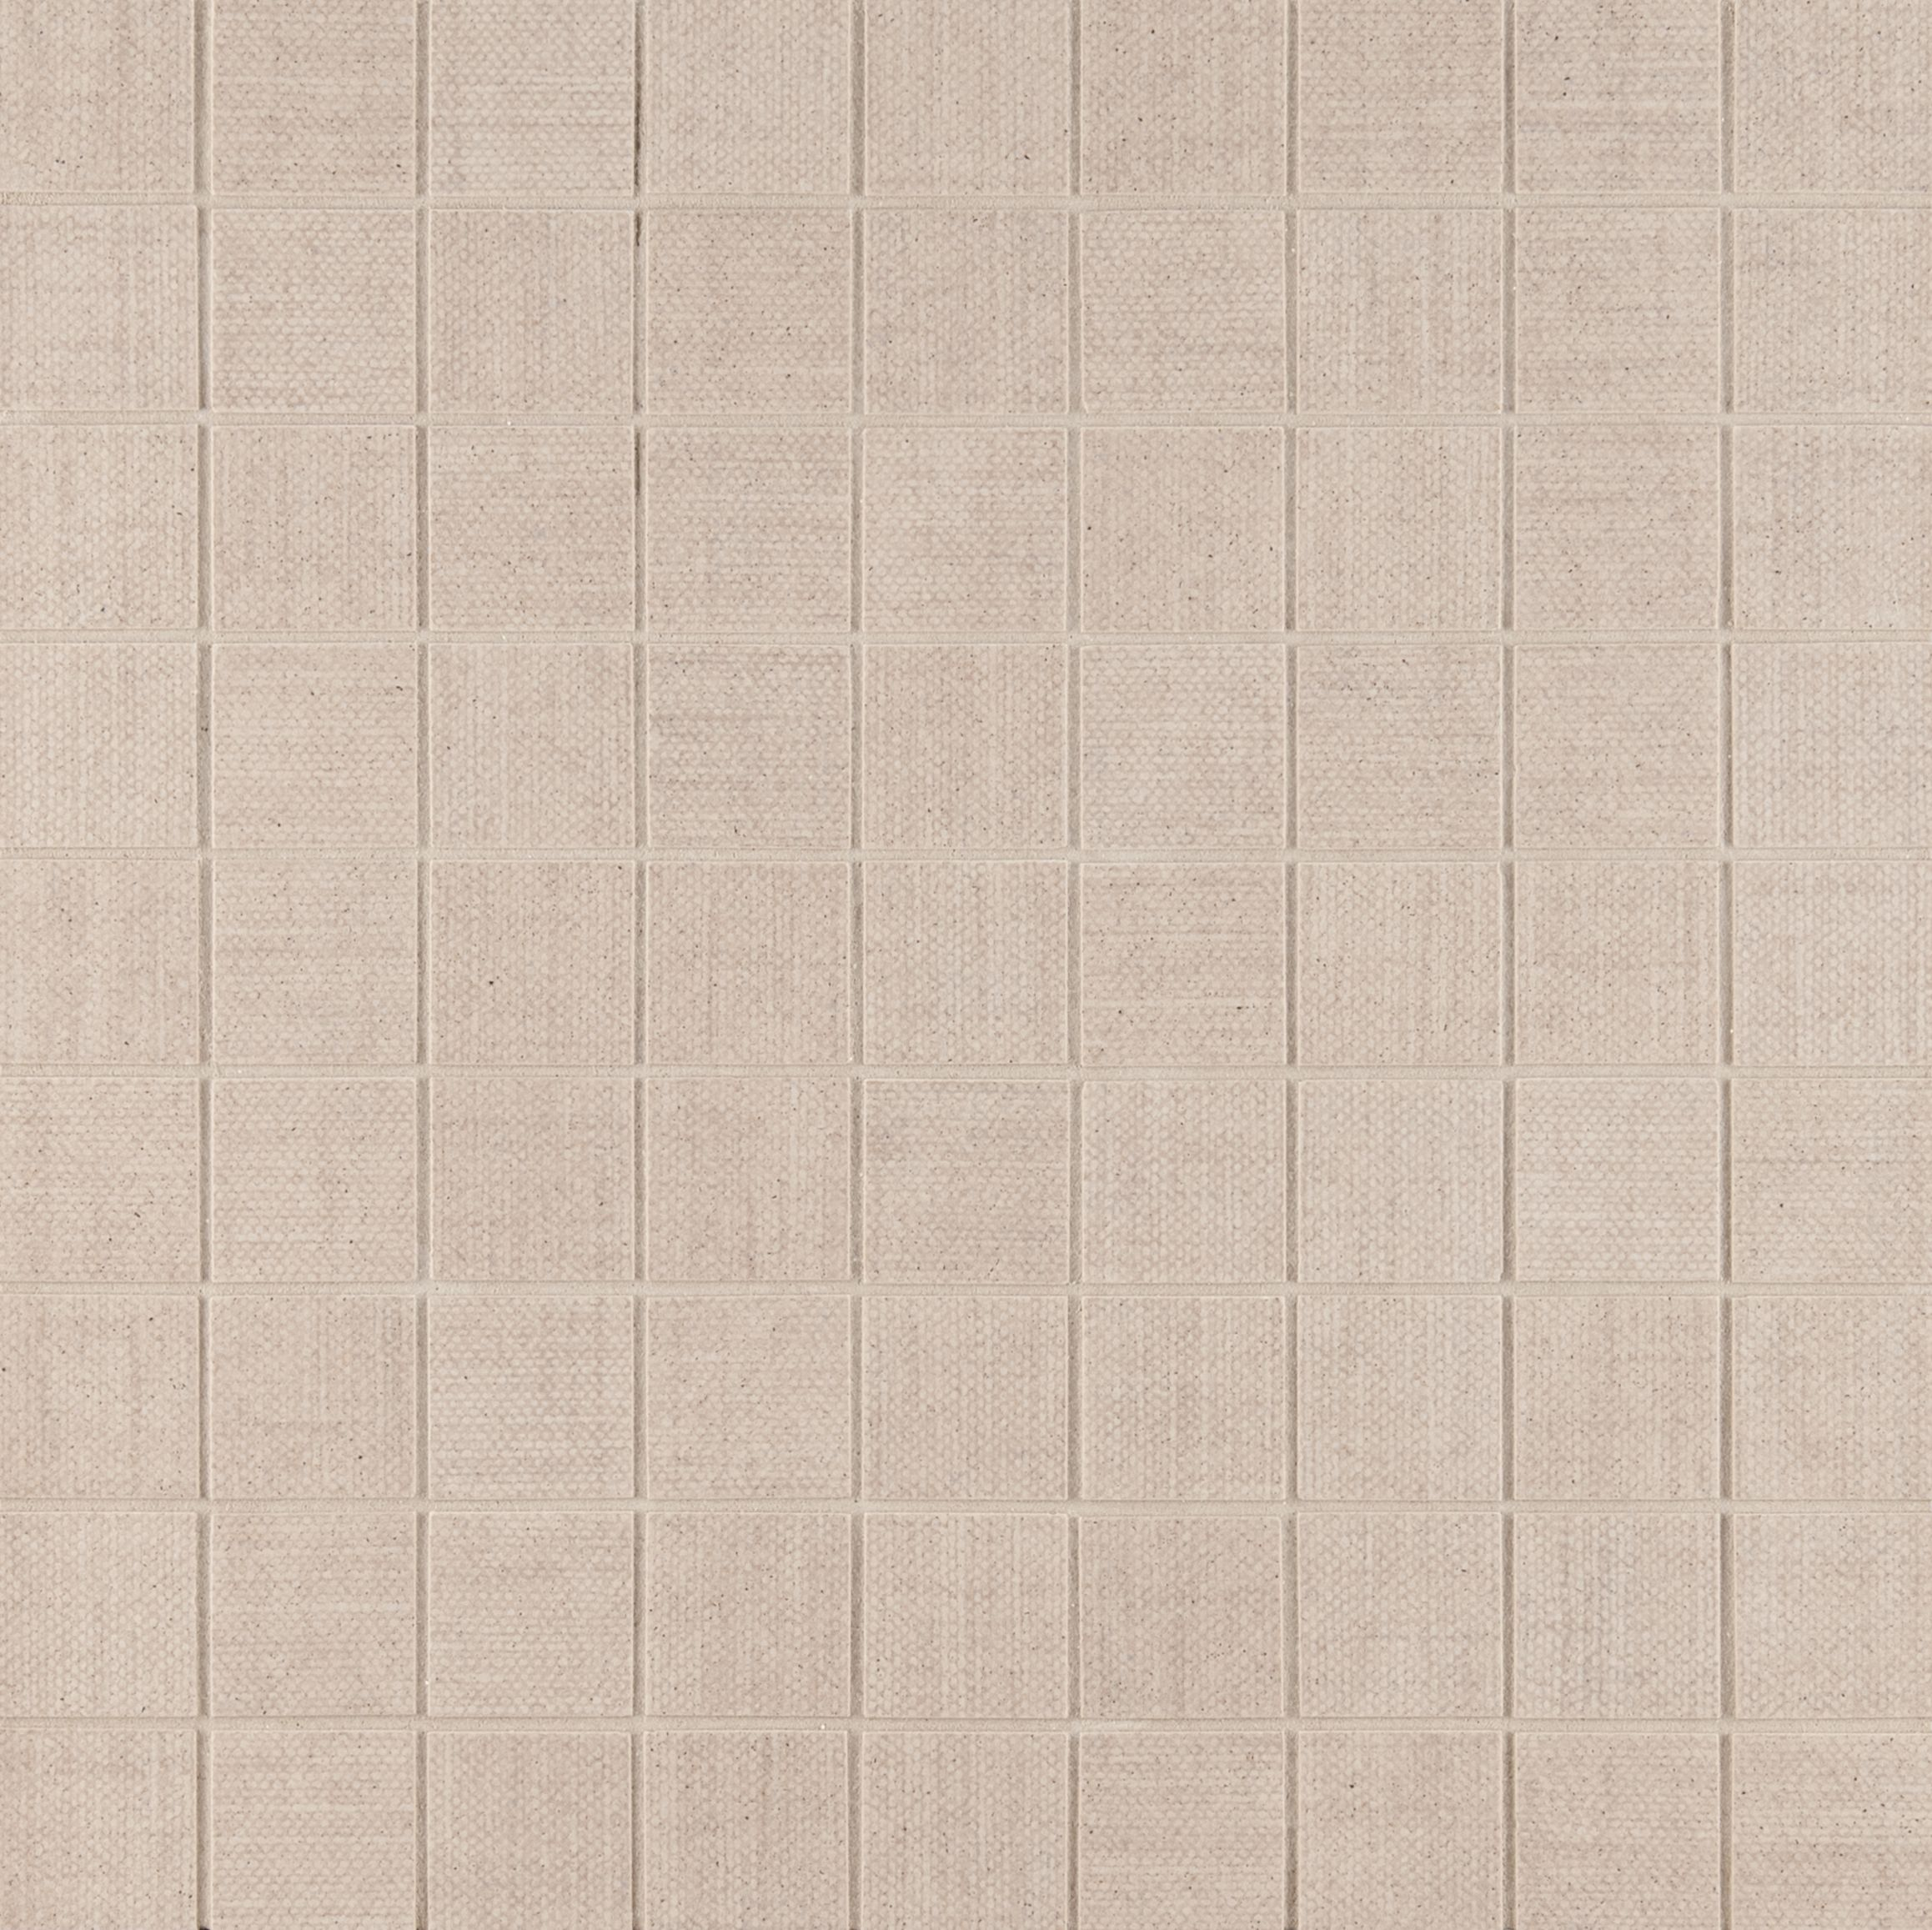 """Ann Sacks Mosaic Bathroom Tile: ANN SACKS Texere 1-1/4"""" X 1-1/4"""" Straight Porcelain Mosaic"""